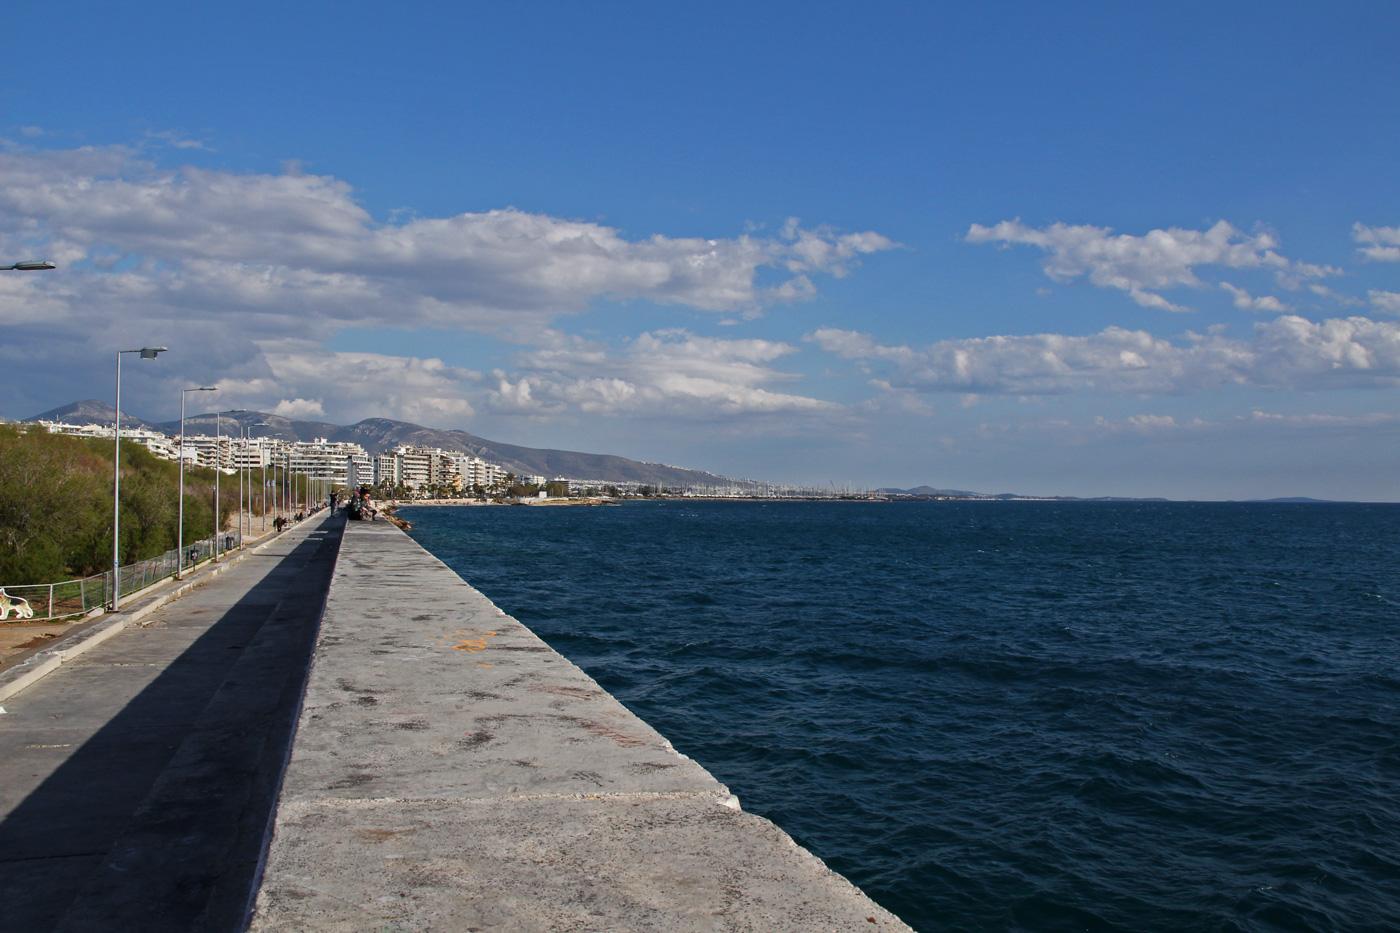 meer griechenland sea